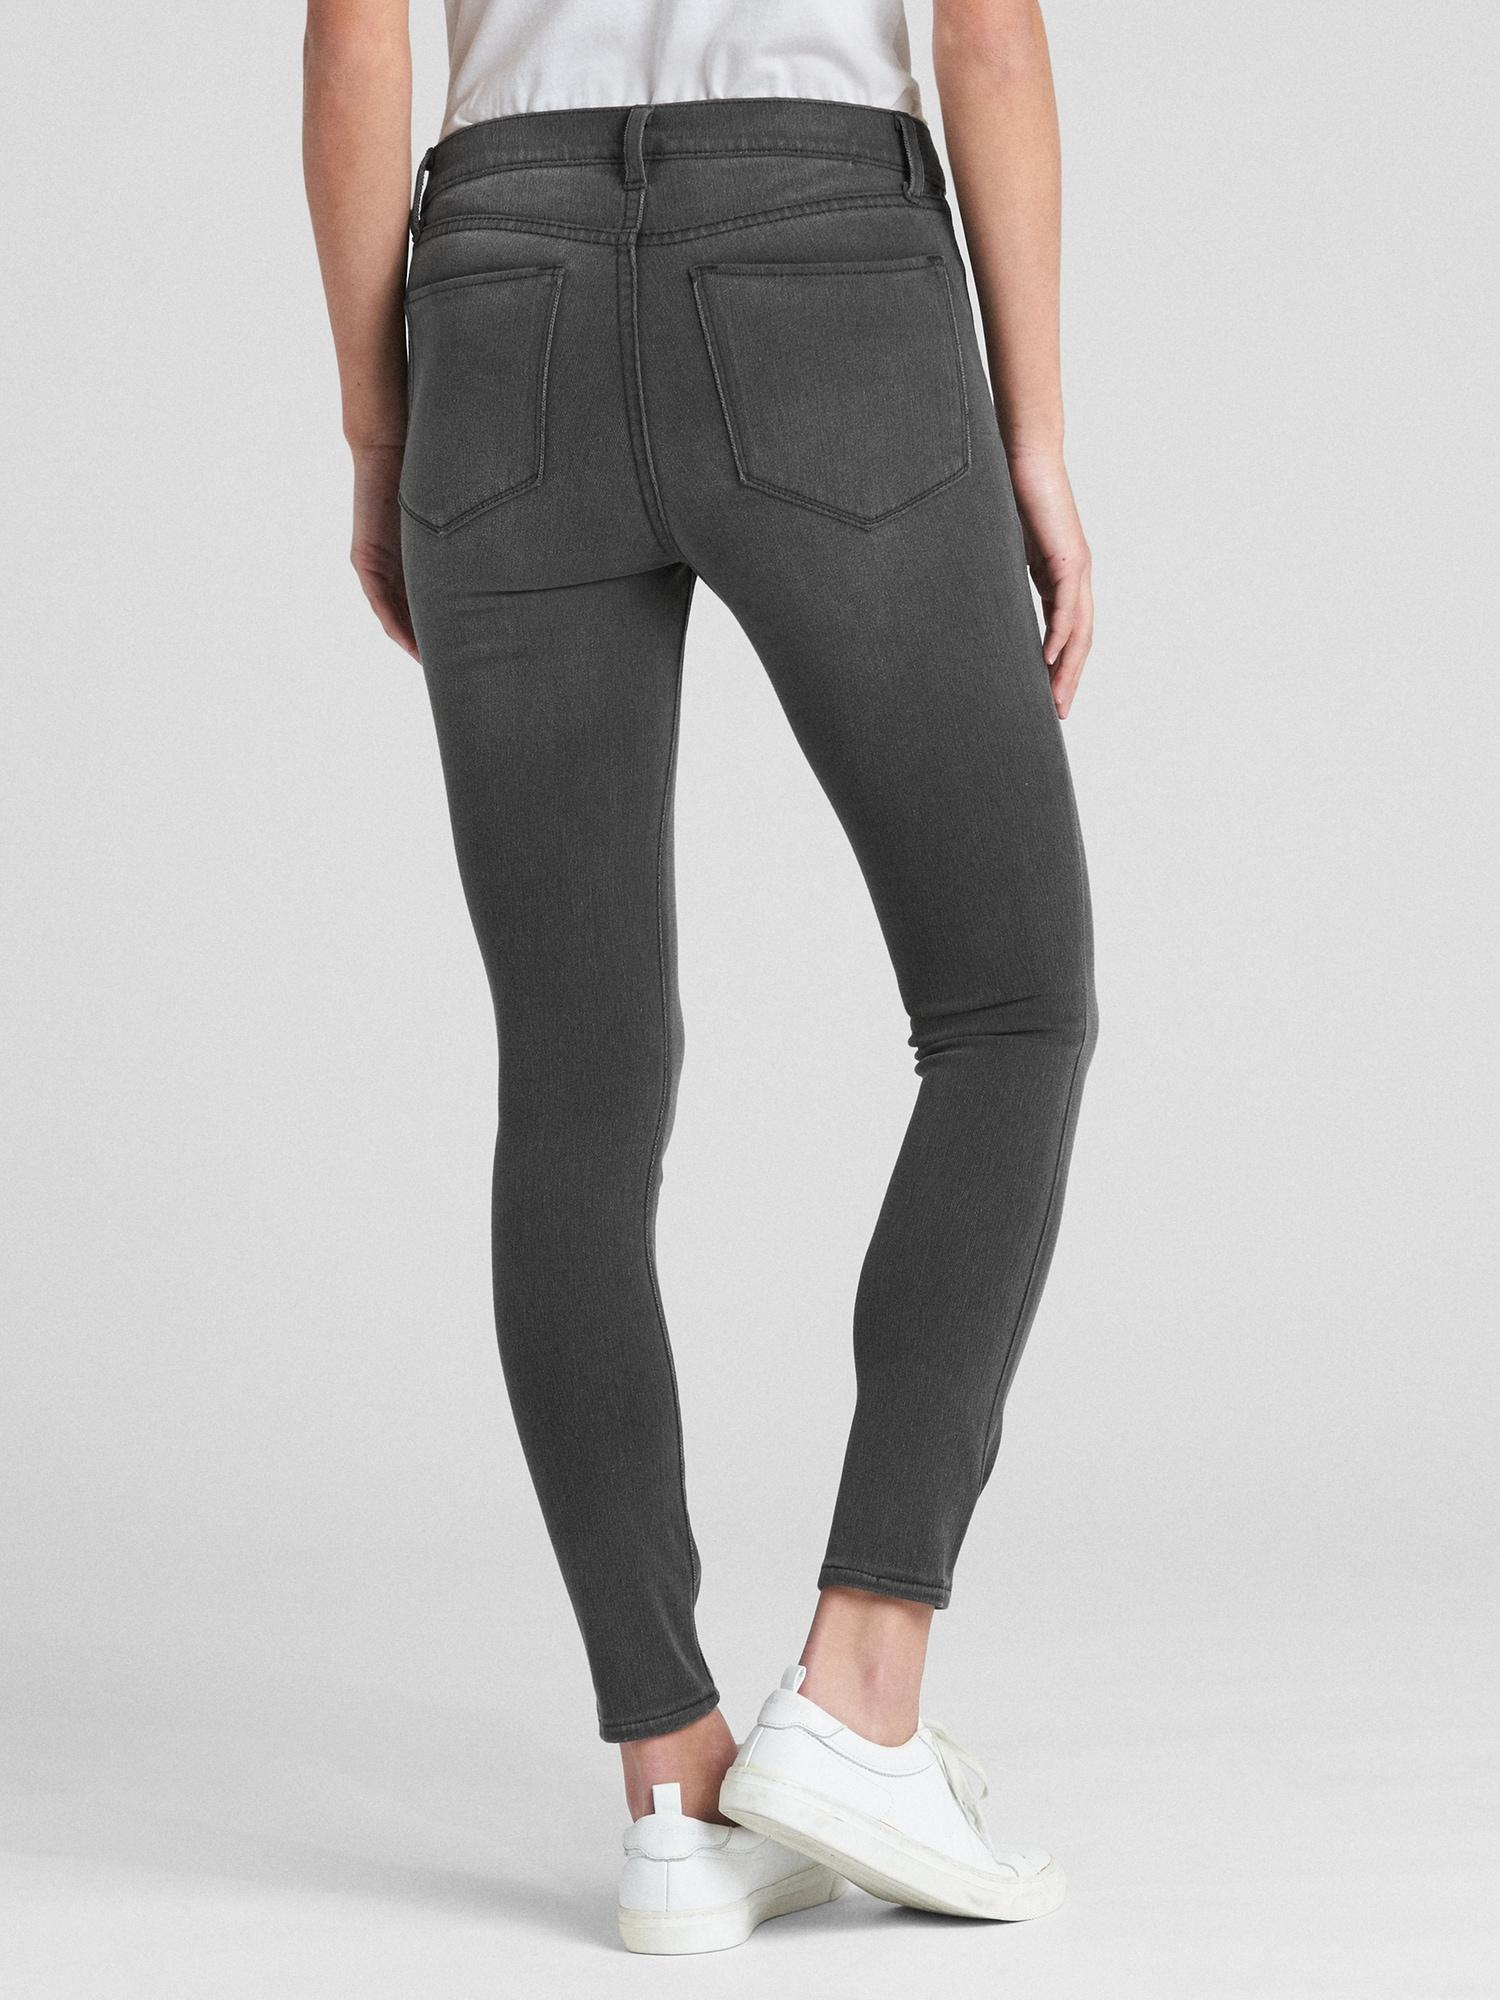 38528a94e3 Gap Soft Wear Mid Rise Knit Favorite Jeggings in Black - Lyst